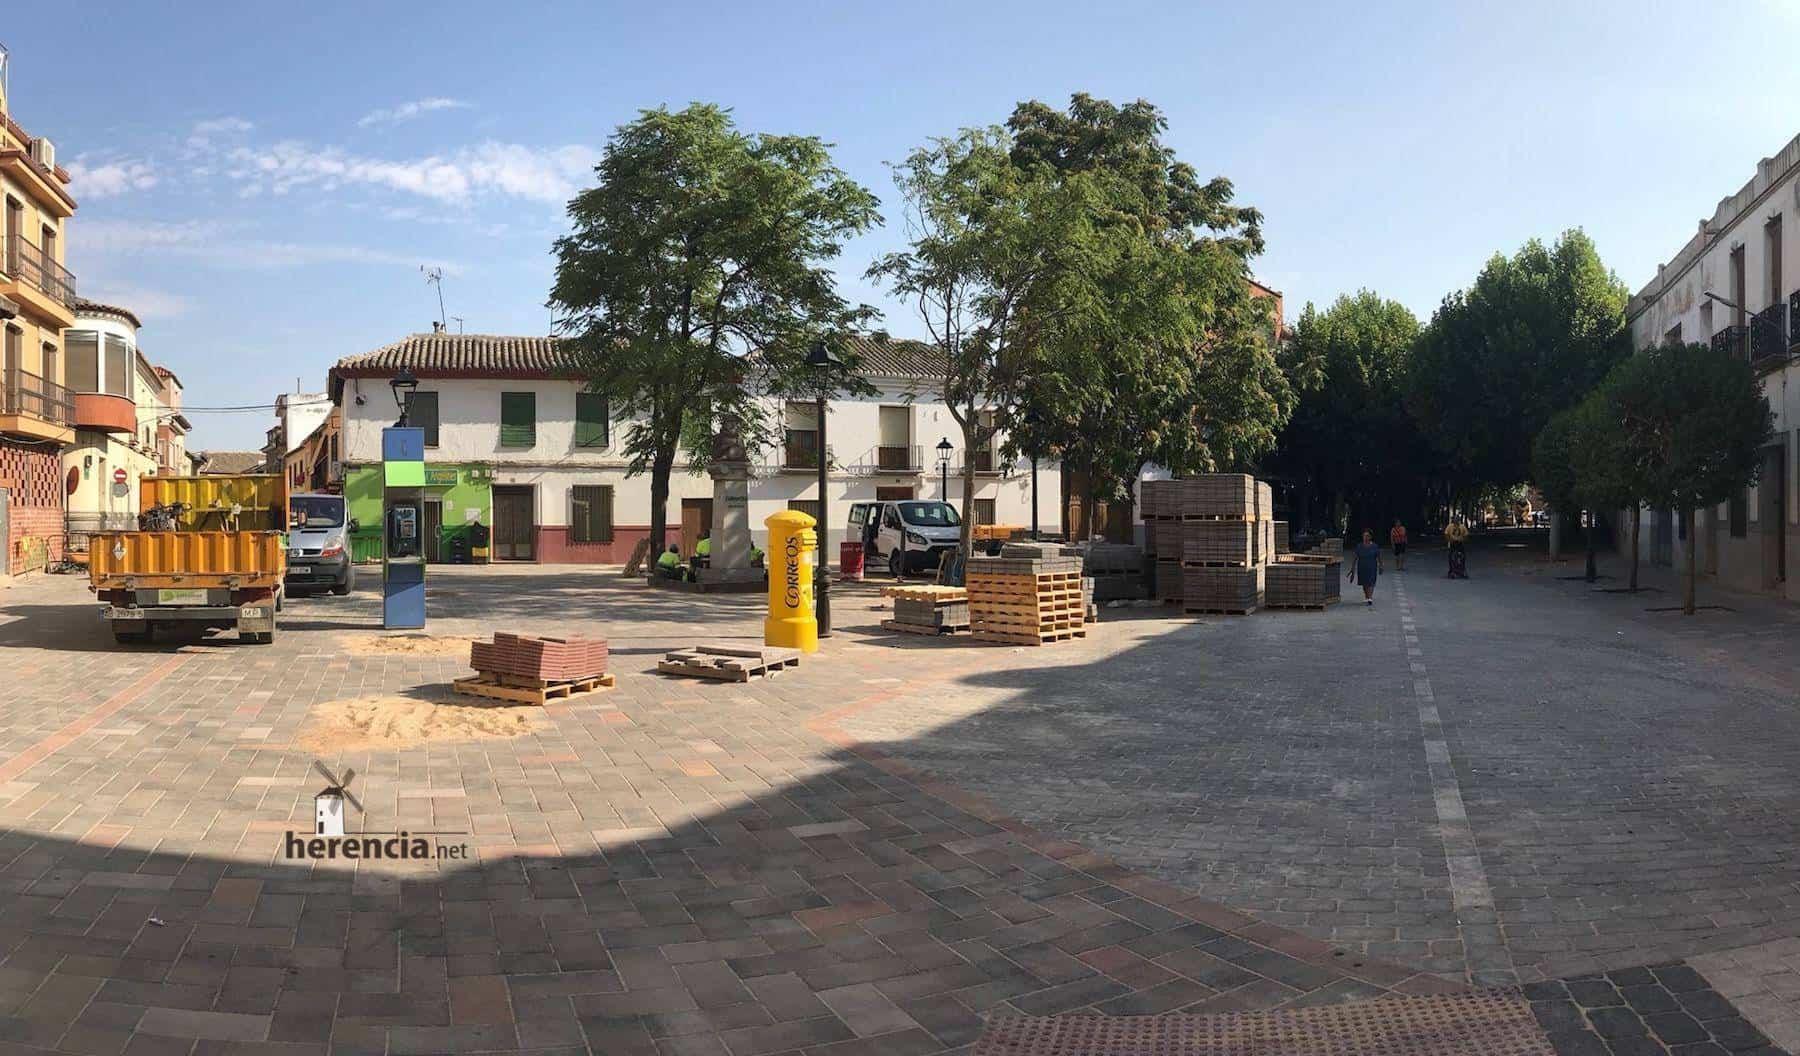 La nueva Plaza Cervantes de Herencia pronto finalizará sus obras 3